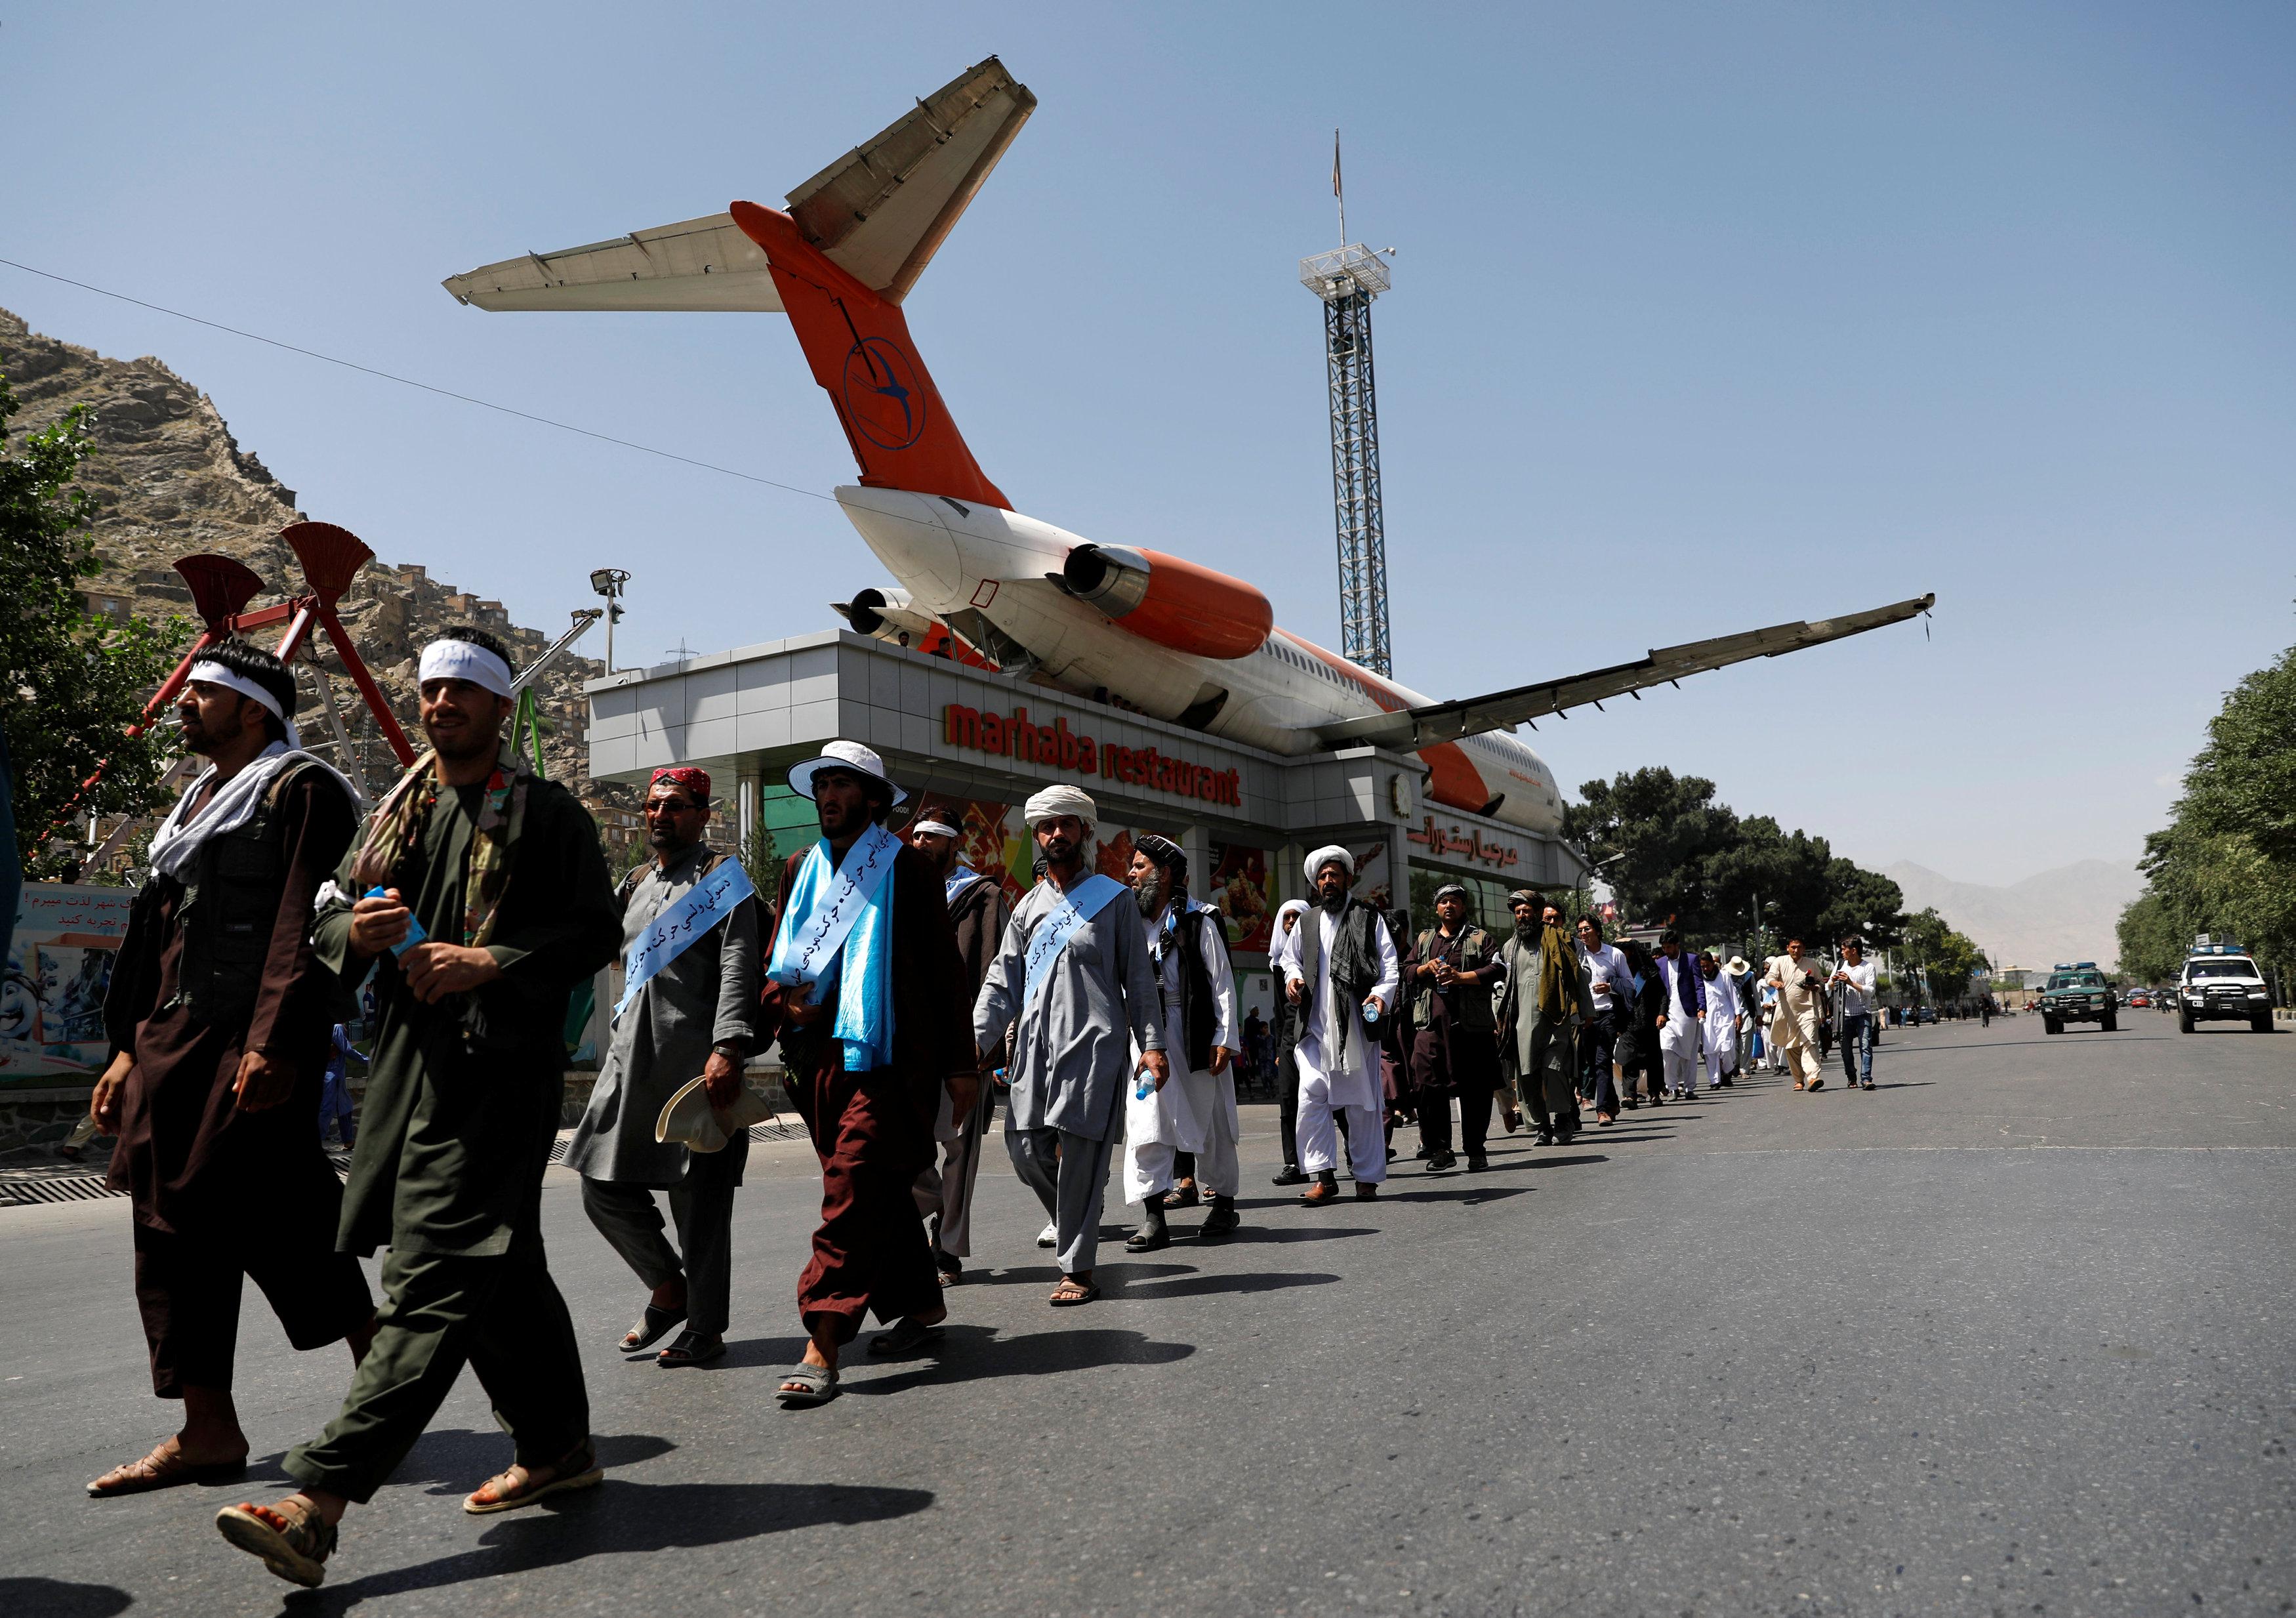 المسيرة تأتى لتأييد مبادرة الحكومة الأفغانية لتمديد وقف إطلاق النار